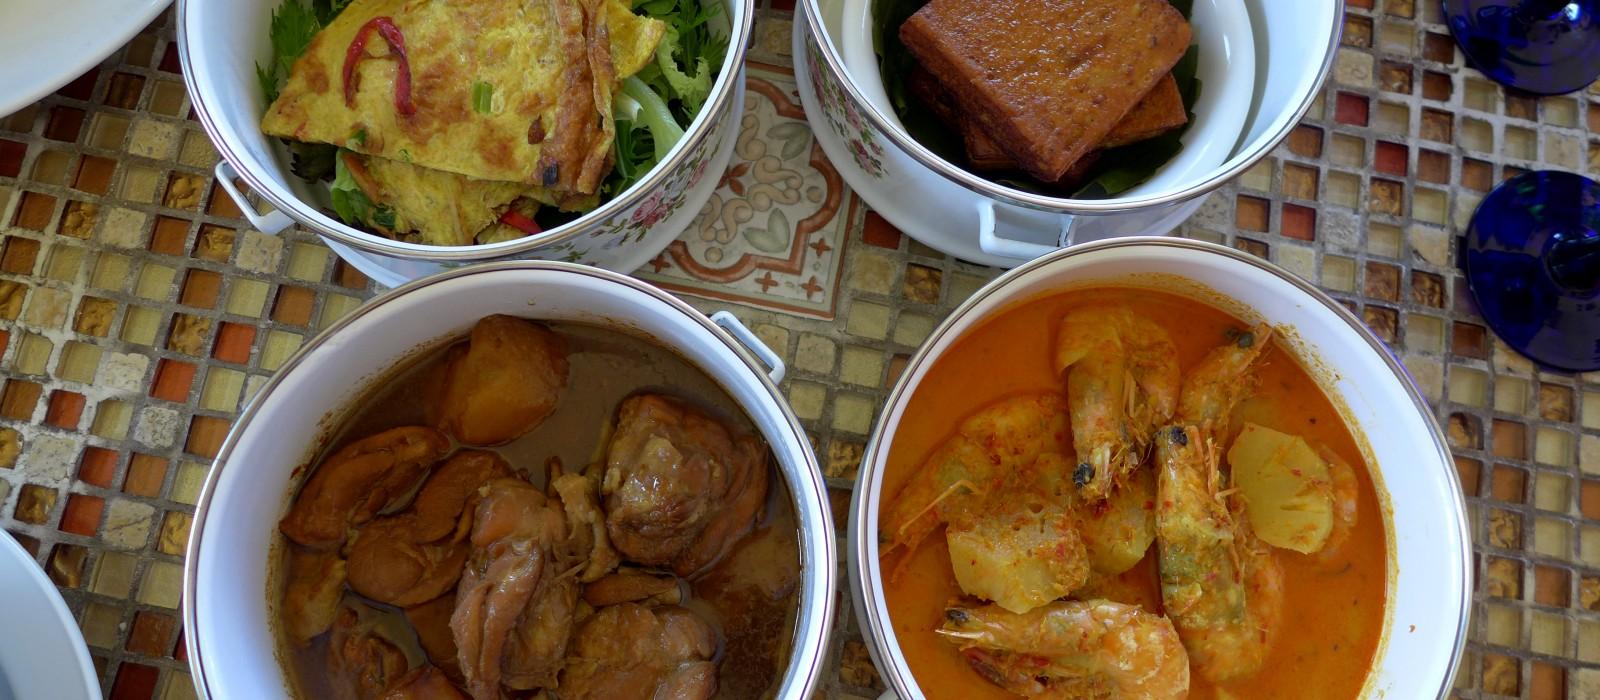 Tiffin Lunch at Casa del Rio Melaka